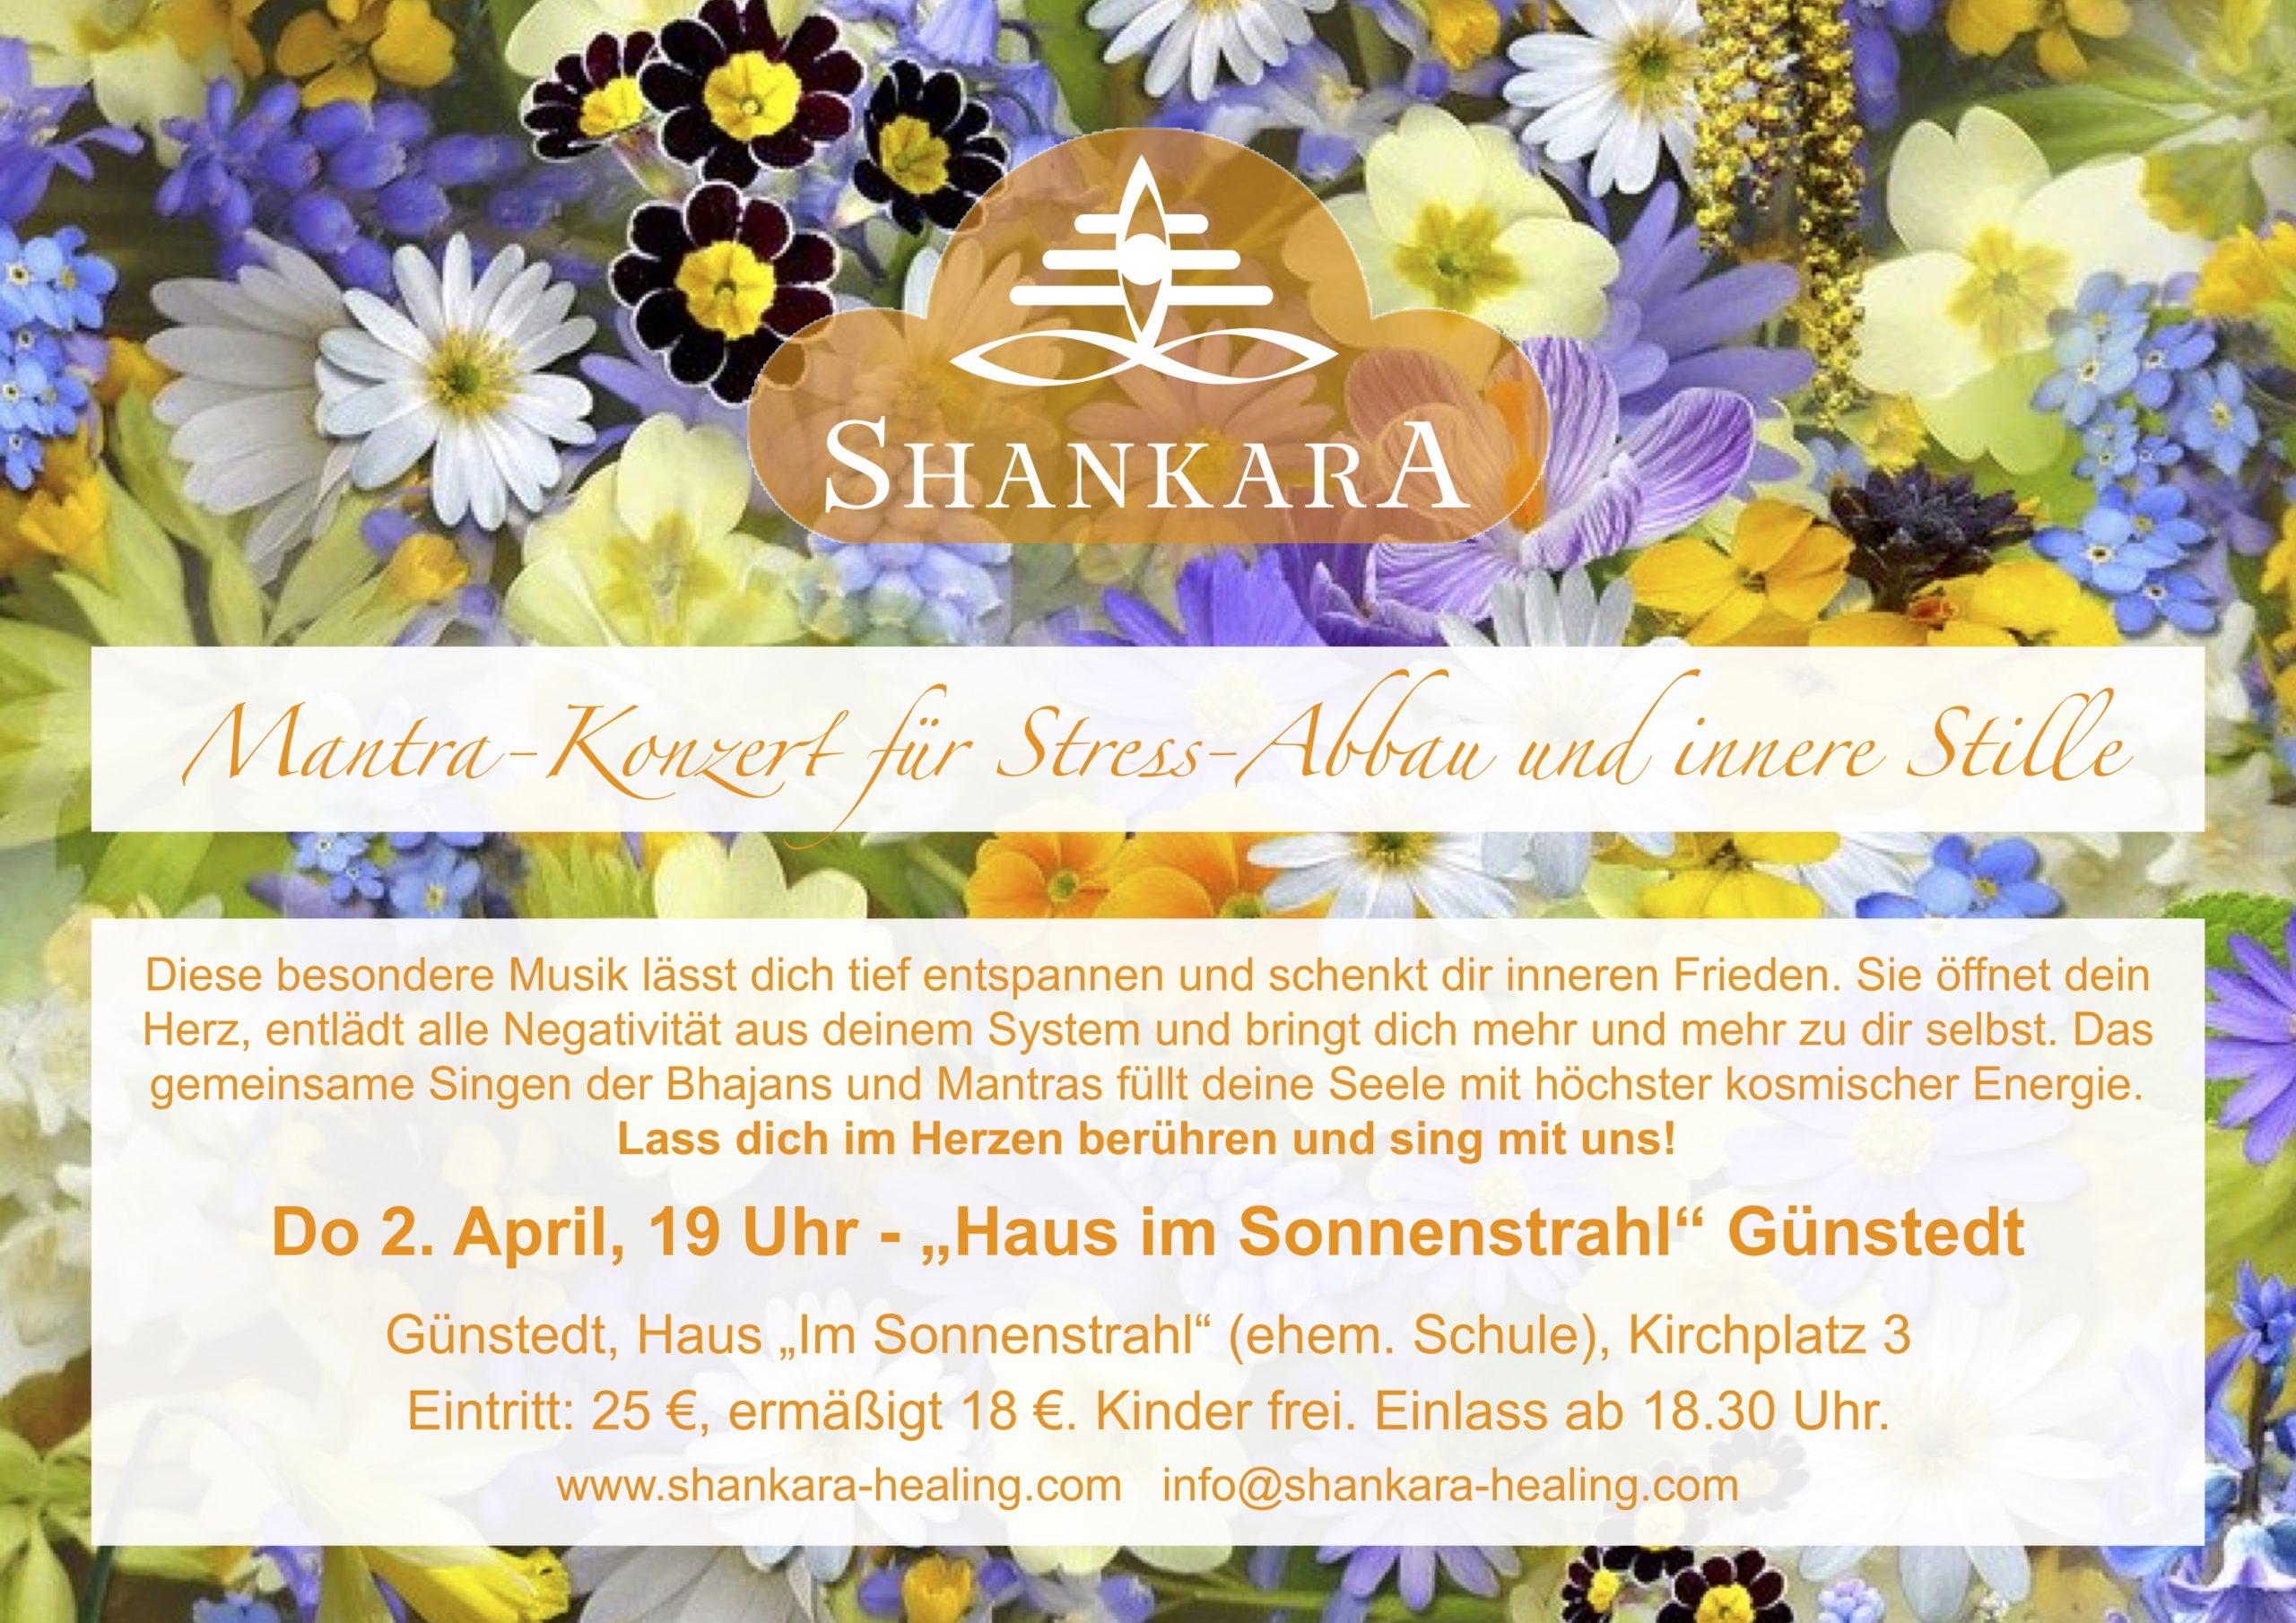 Mantra-Konzert für  Stress-Abbau und innere Stille